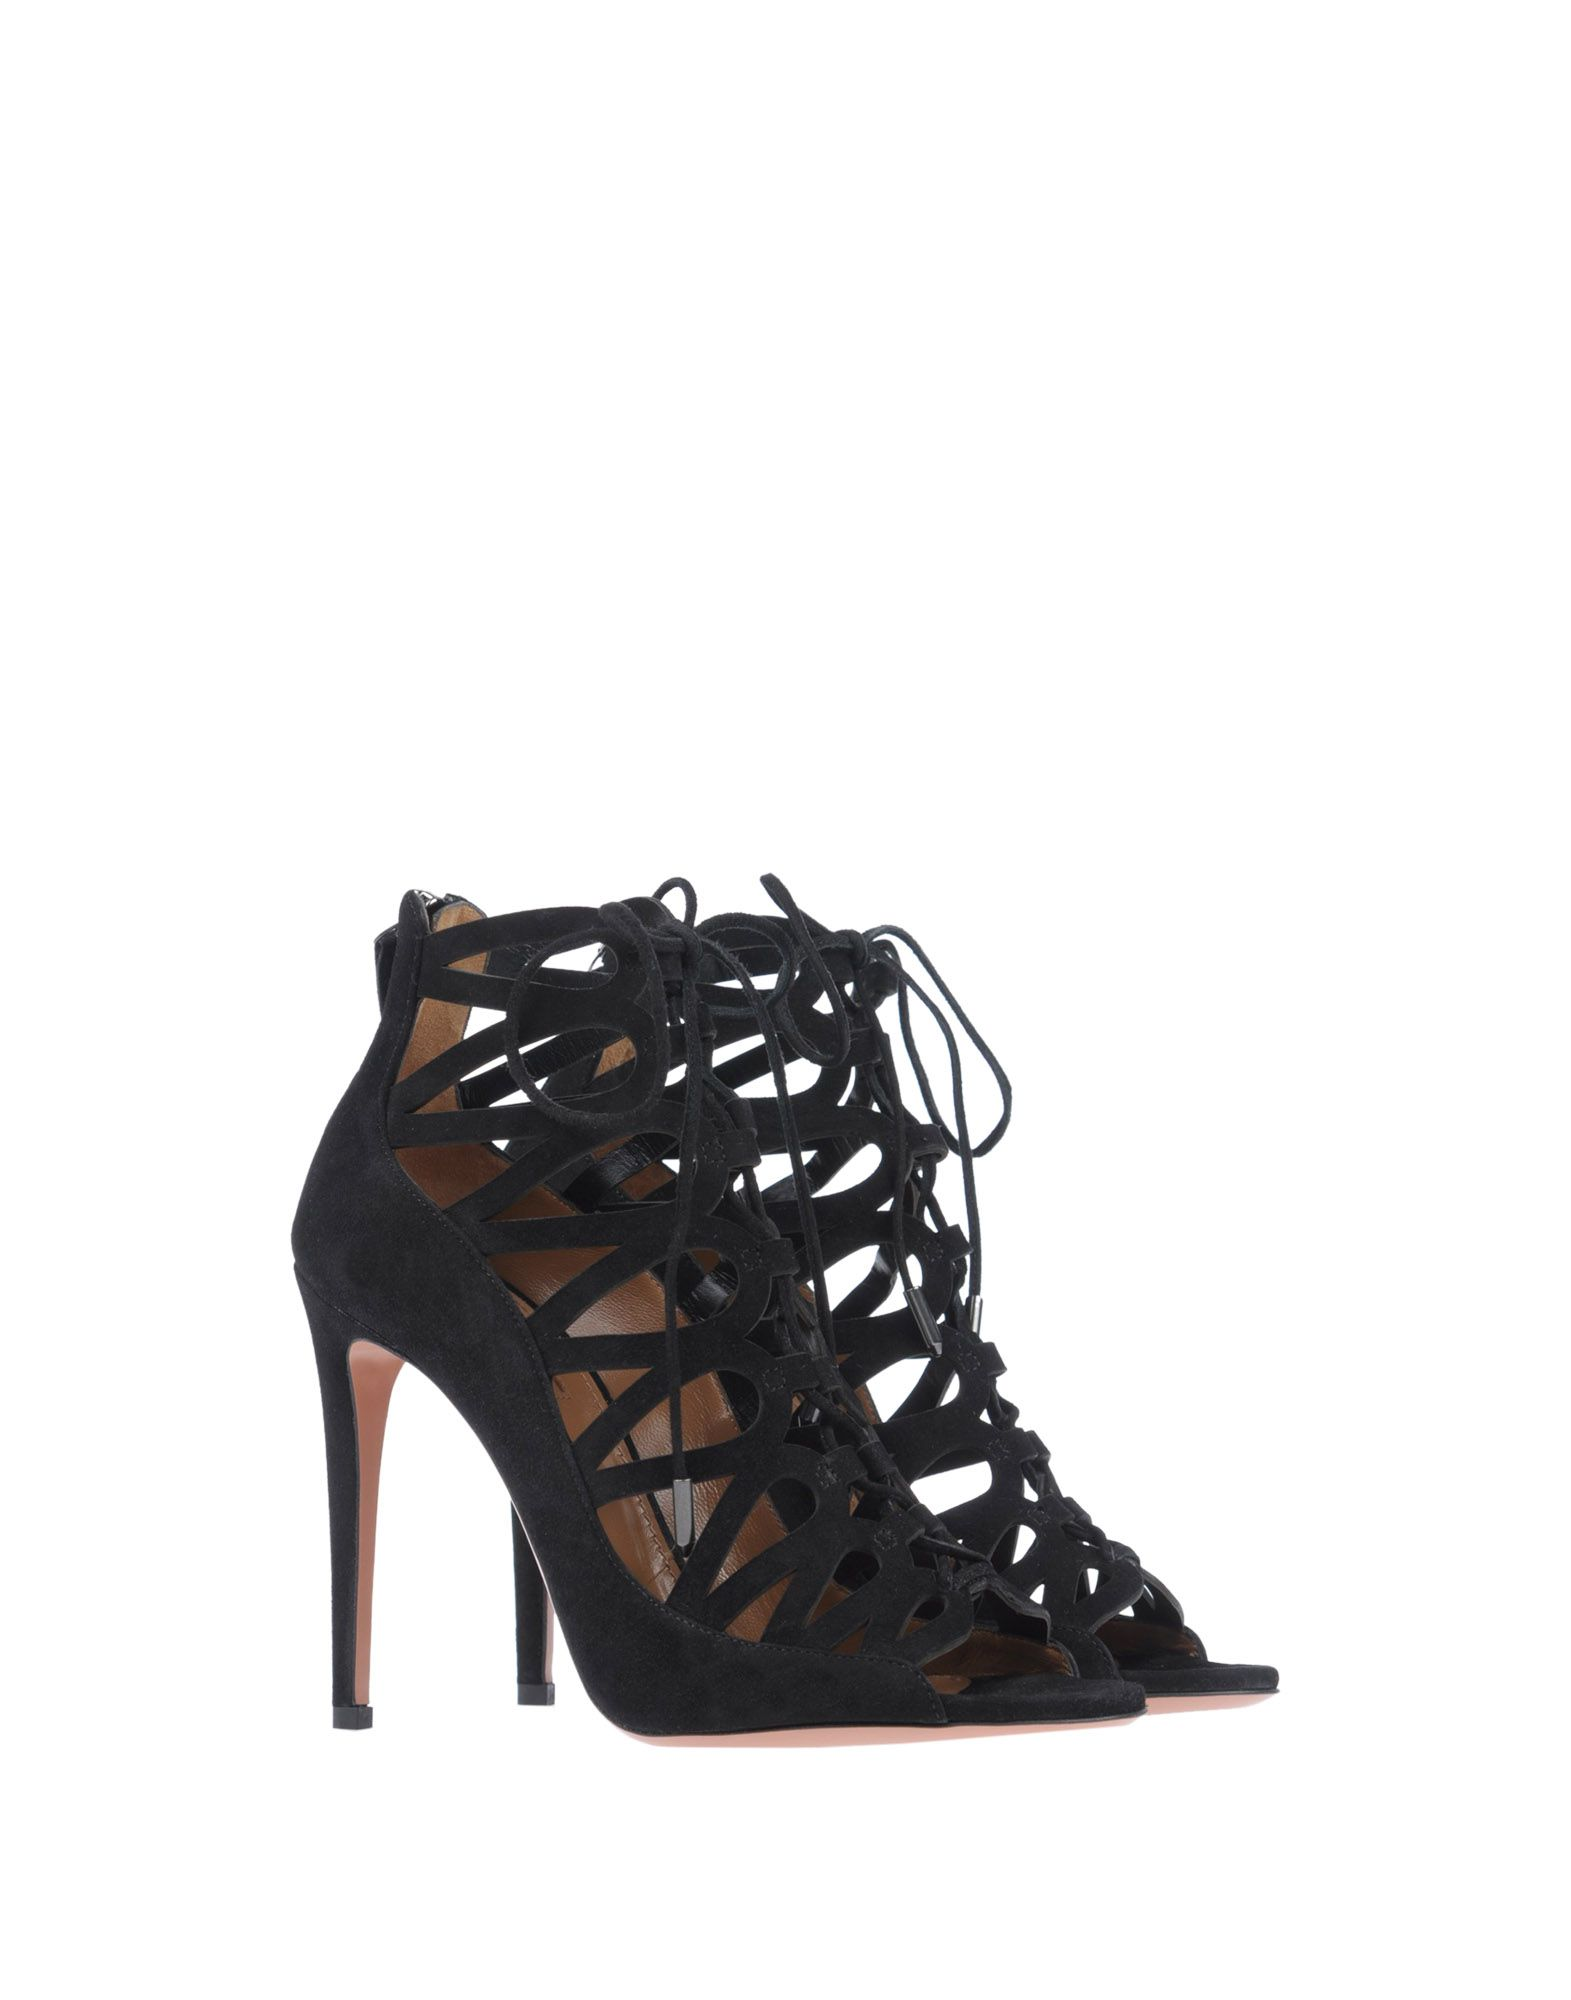 Aquazzura Sandalen Schuhe Damen  11387463IW Heiße Schuhe Sandalen 5bf394